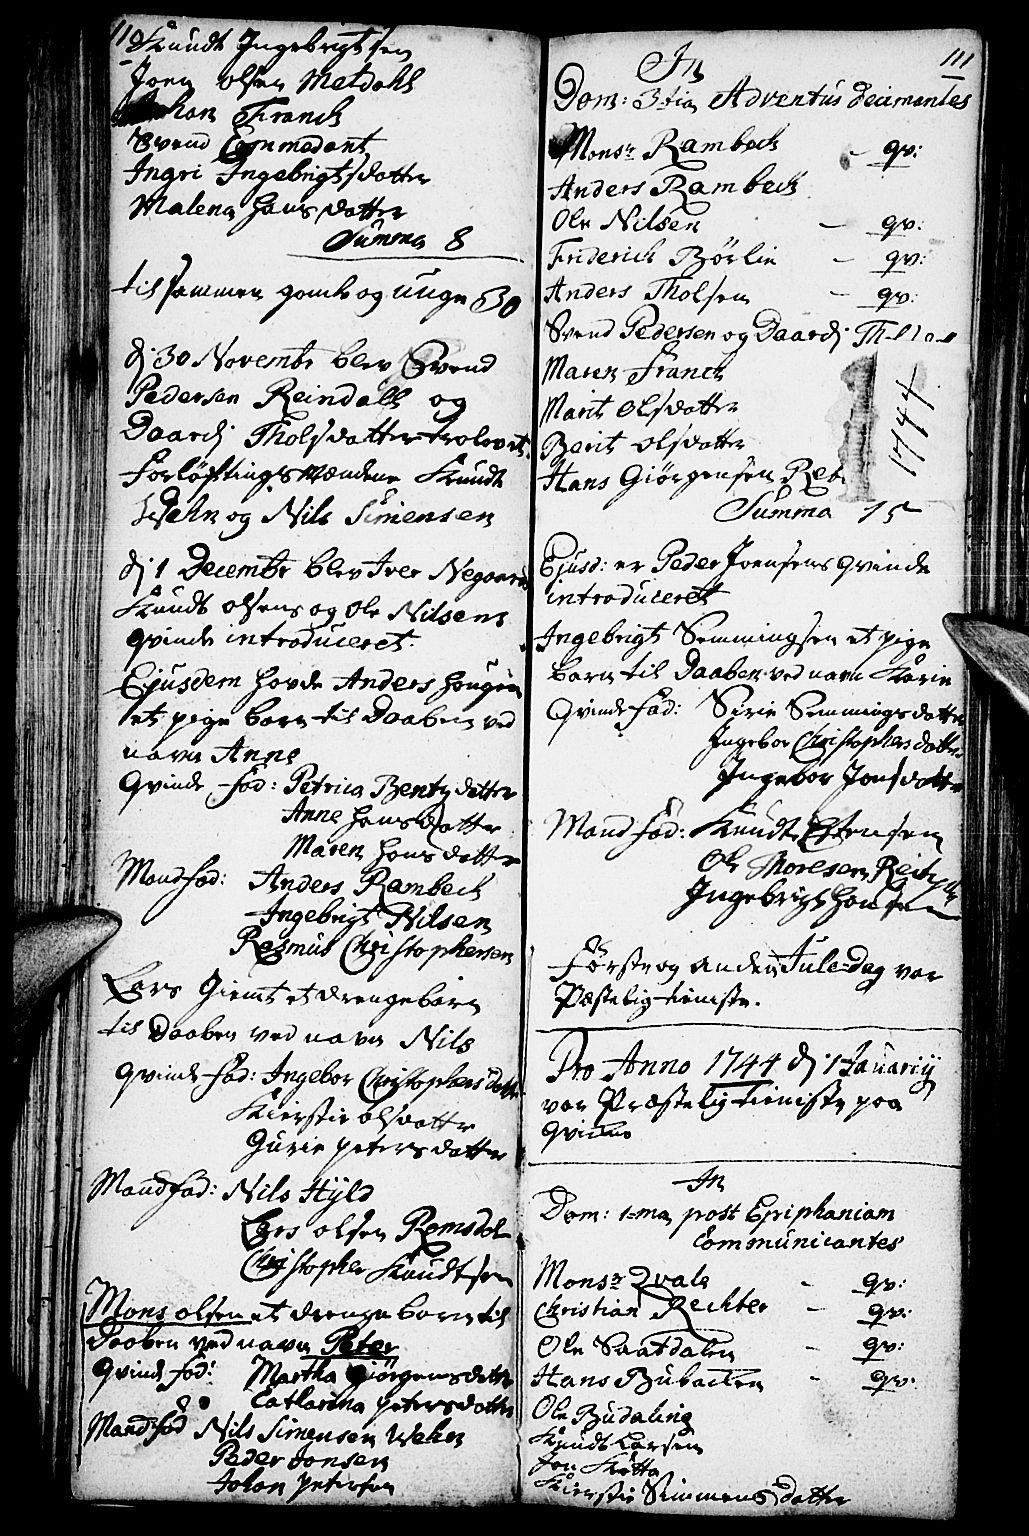 SAH, Kvikne prestekontor, Parish register (official) no. 1, 1740-1756, p. 110-111